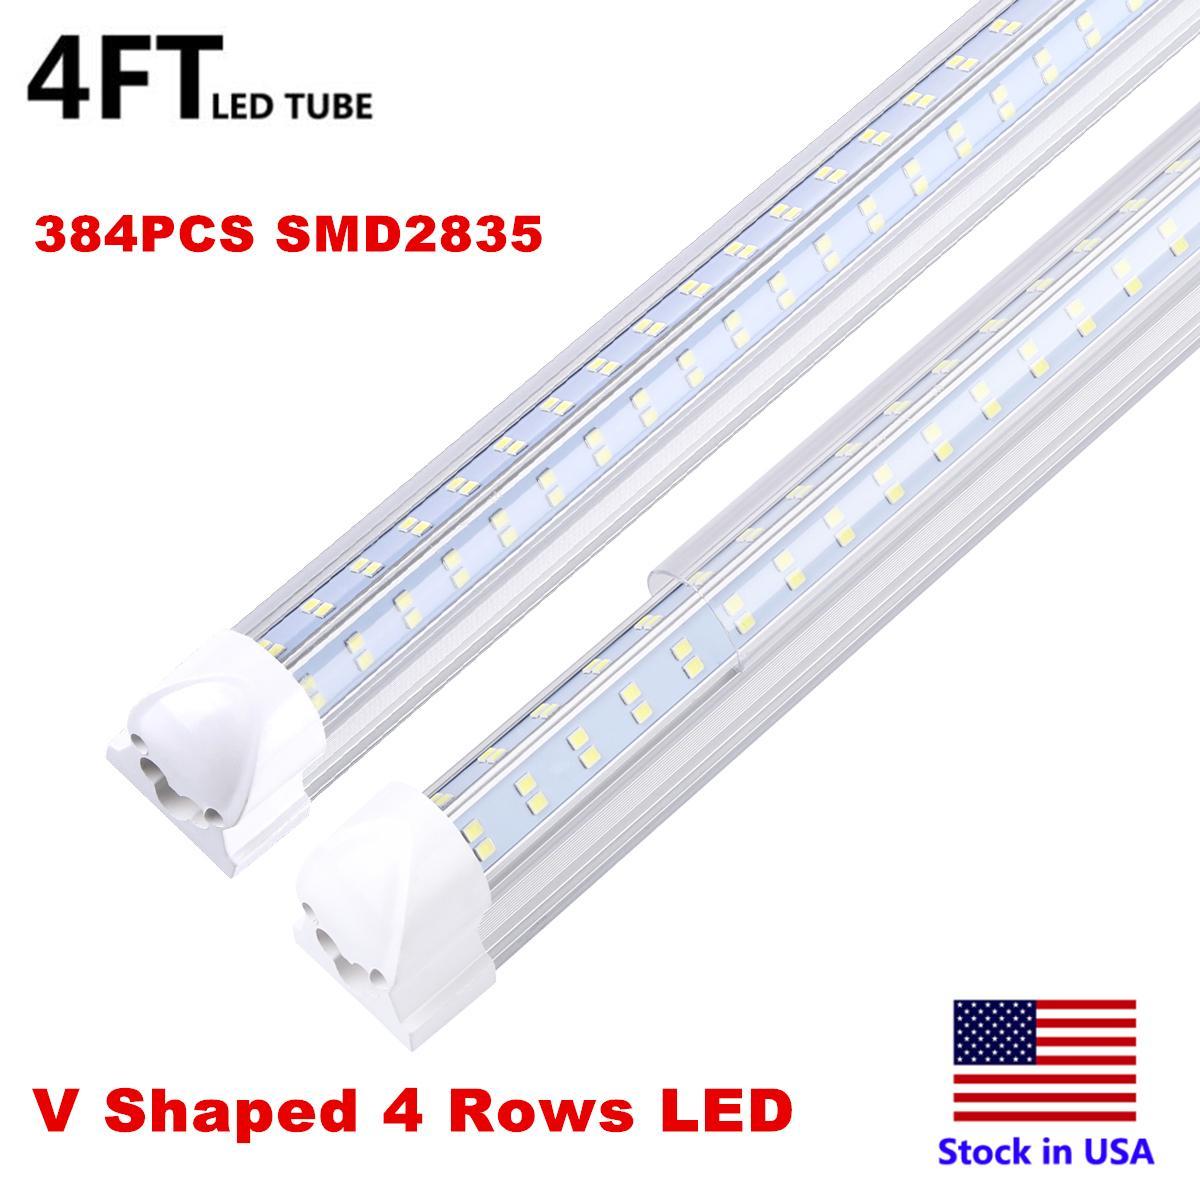 مدمجة T8 مصباح الفلورسنت 4ft 5ft 6ft 8ft 8ft 8ft led أنبوب ضوء الخامس الشكل الصمام الإضاءة 120W 4 صفوف AC85-277V